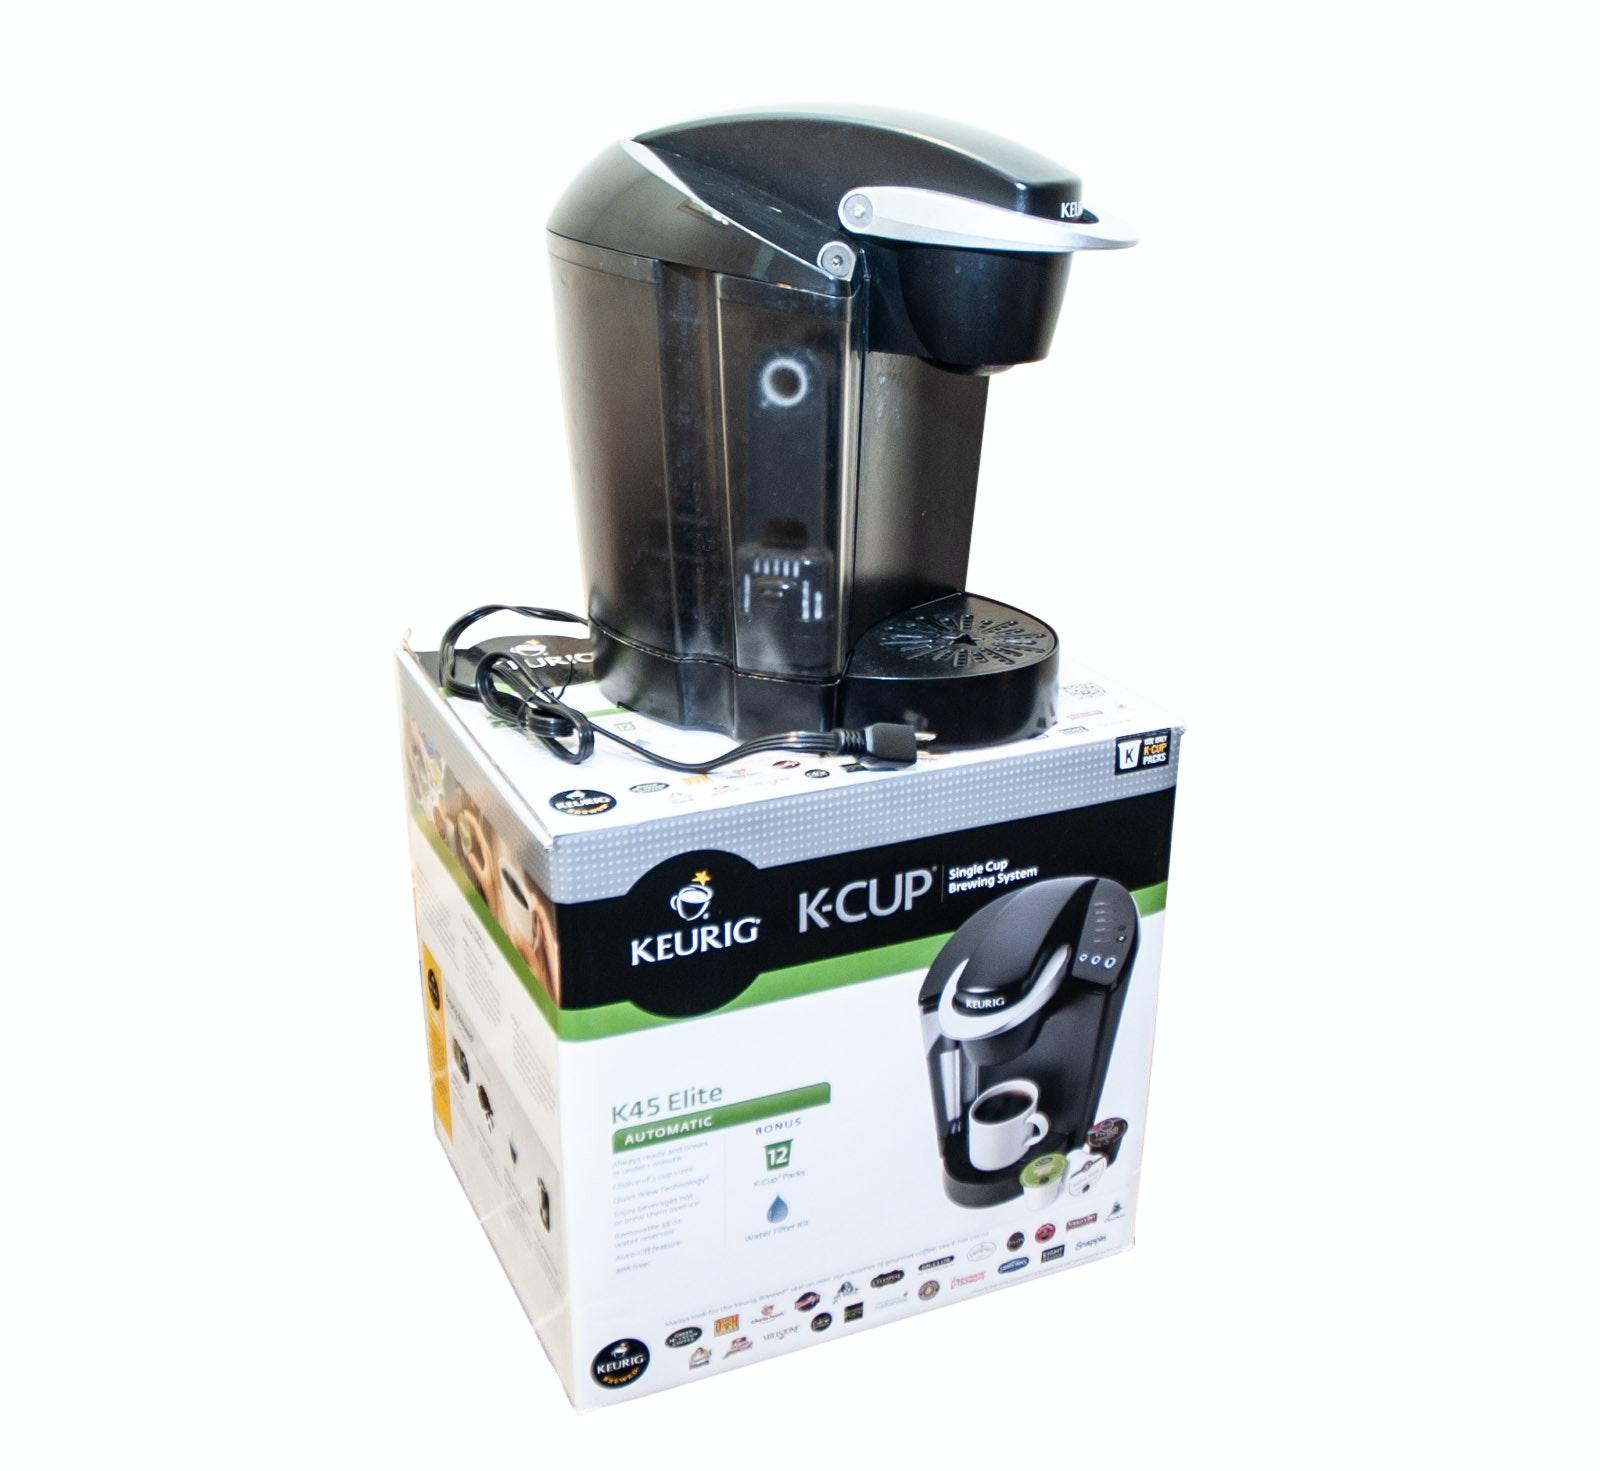 Keurig K45 Elite Single Cup Coffee Brewer